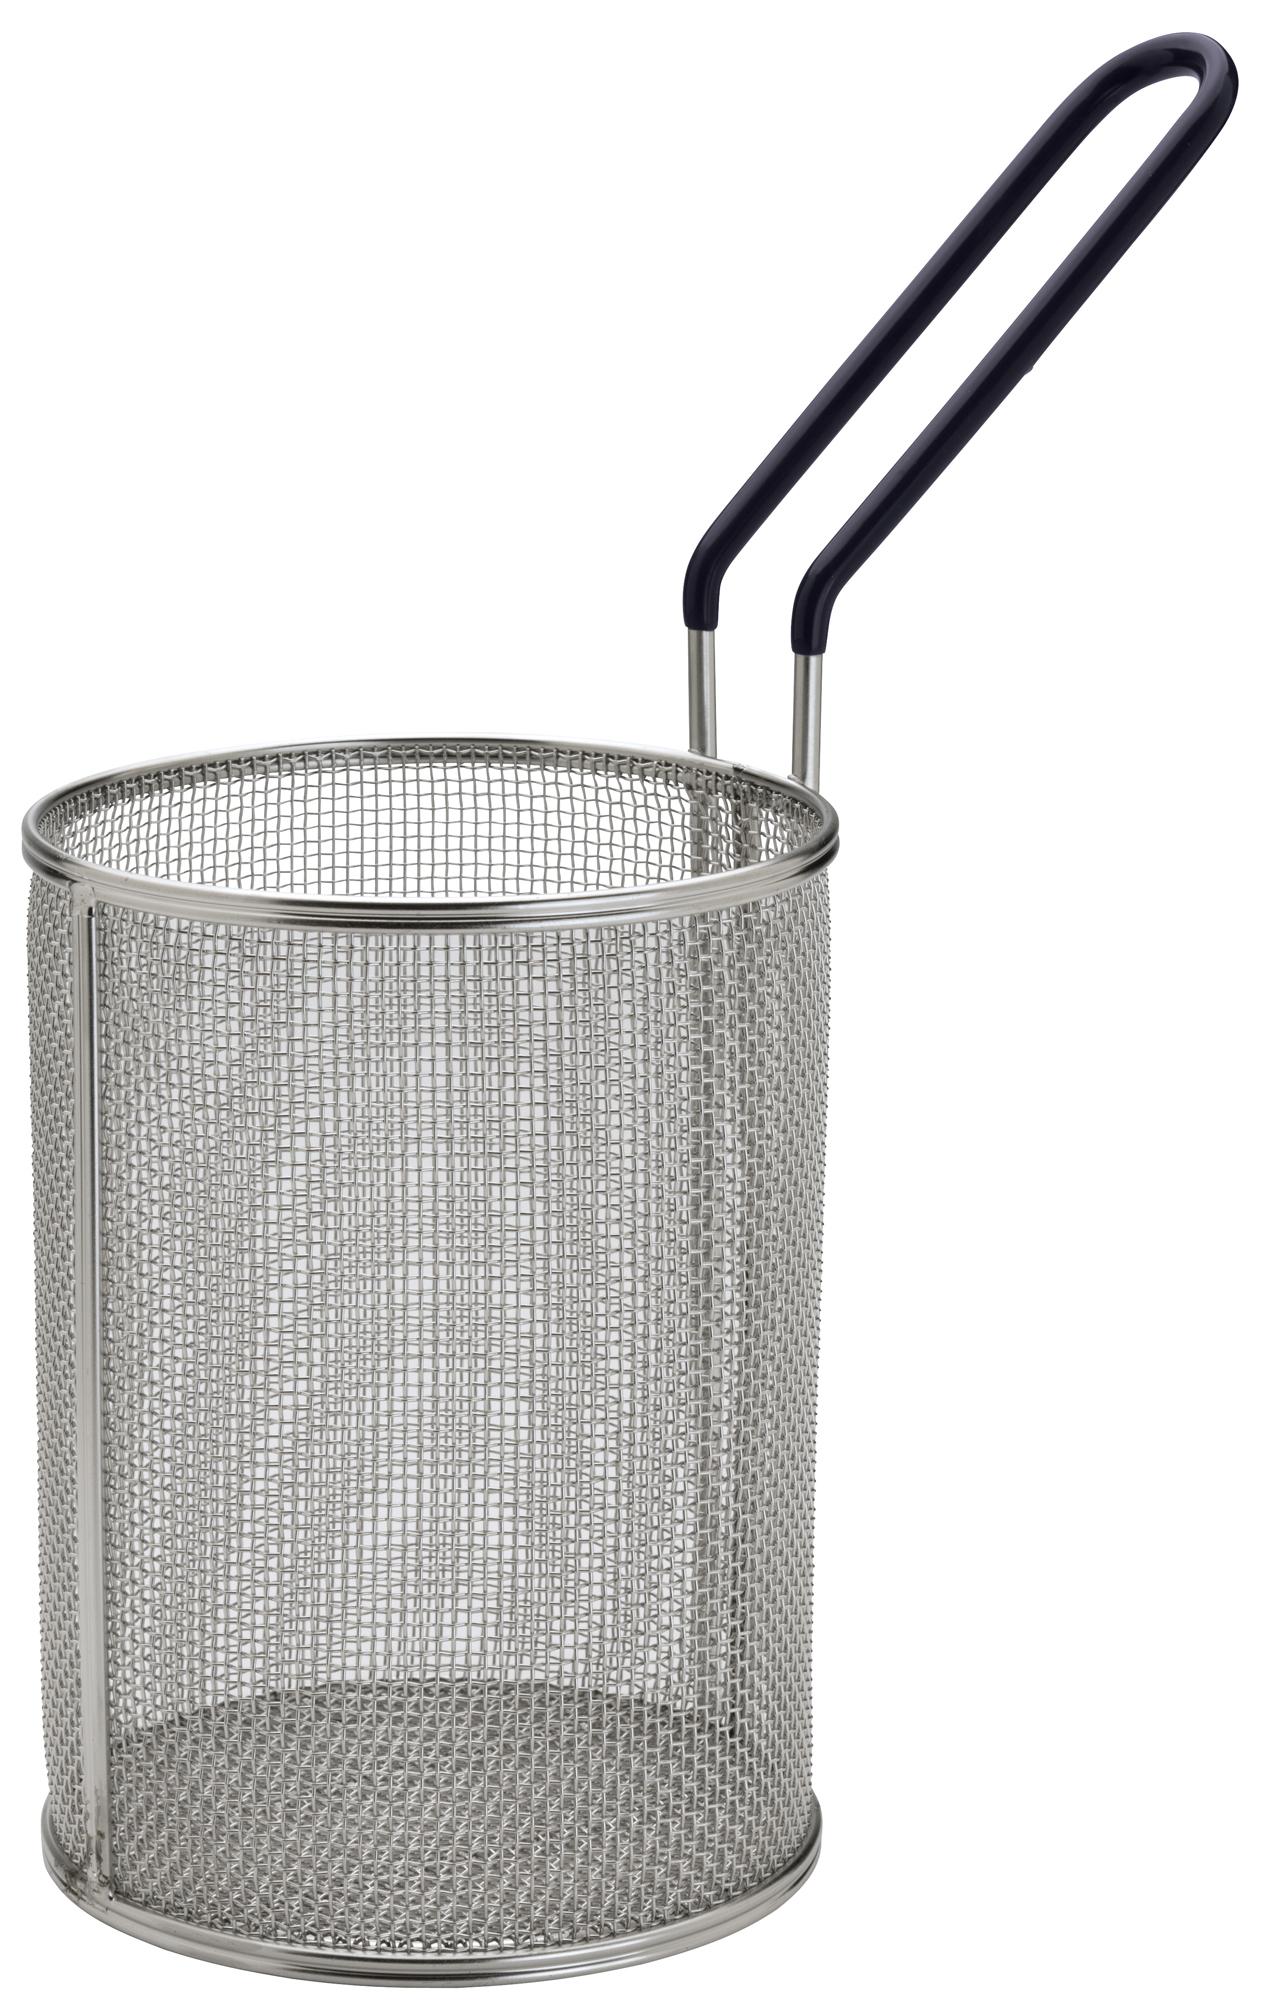 Winco MPN-57 pasta baskets